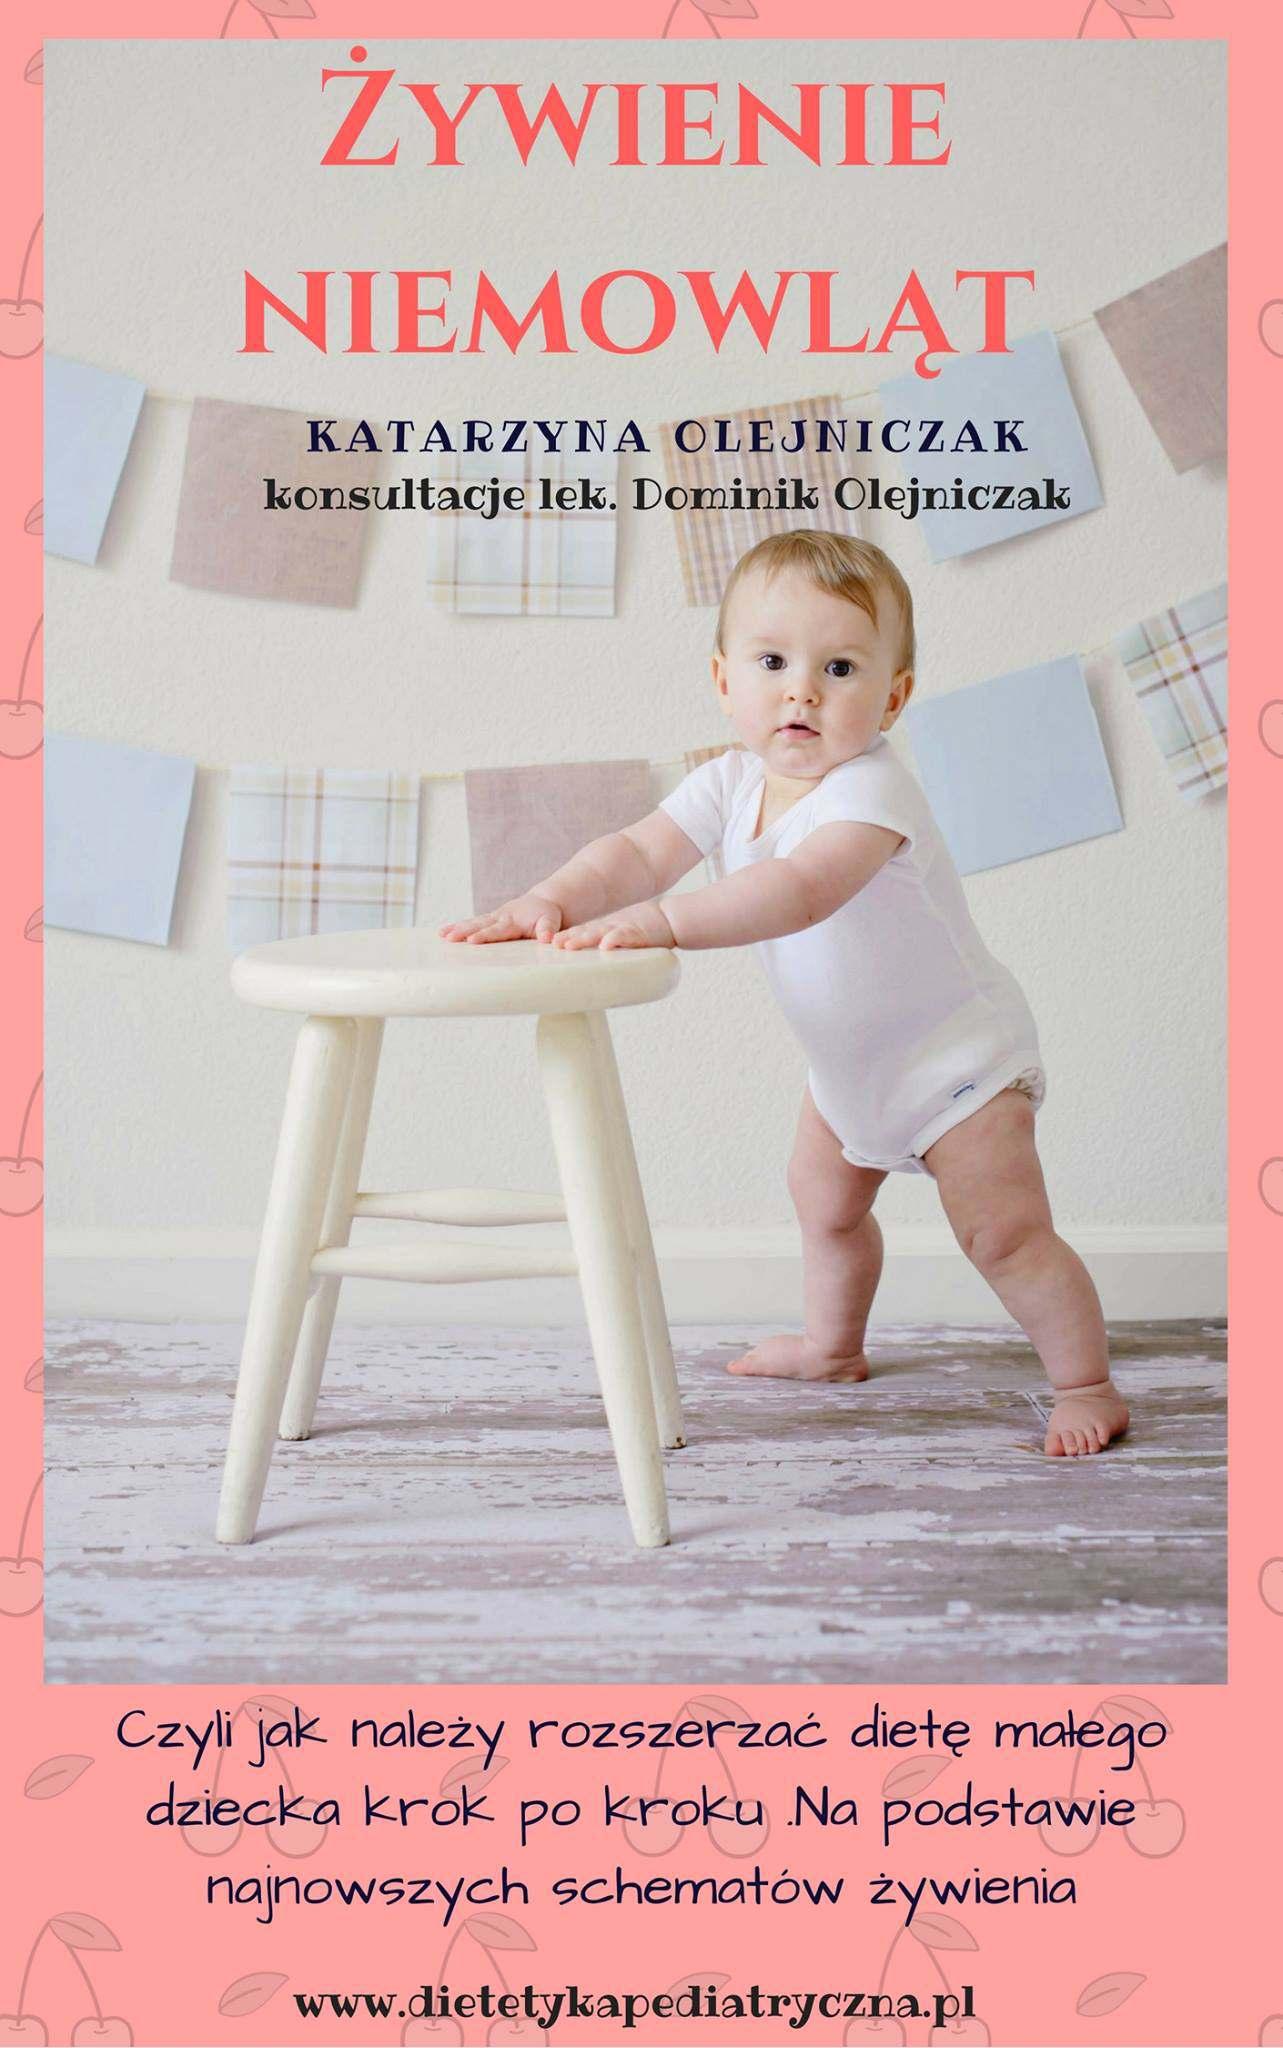 Żywienie niemowląt. Czyli jak należy rozszerzać dietę małego dziecka krok po kroku. Na podstawie najnowszych schematów żywienia. - Ebook (Książka PDF) do pobrania w formacie PDF